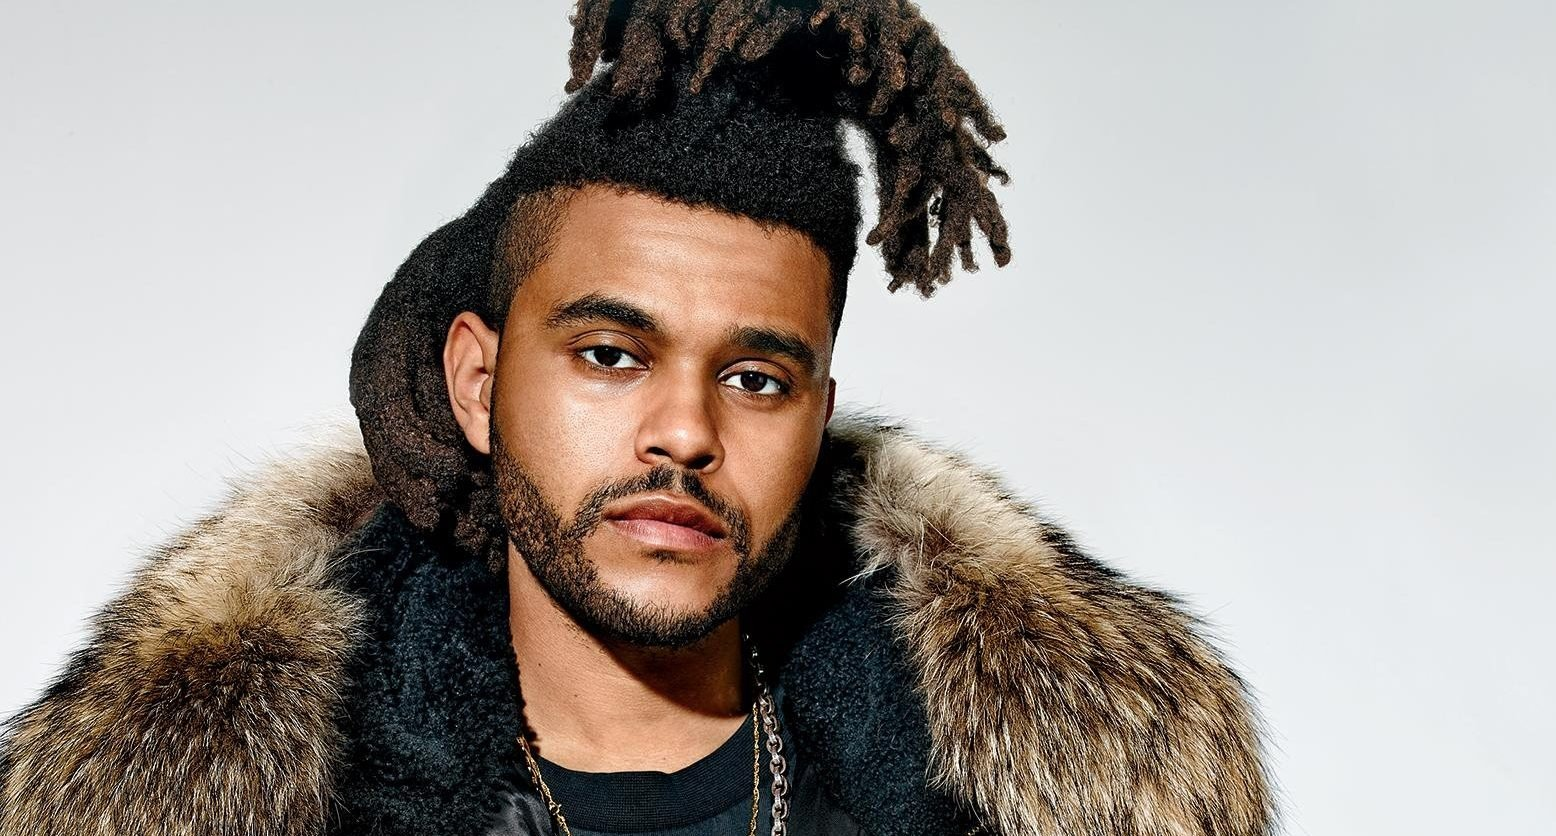 Клип, ради которого The Weeknd изменил внешность, собирает миллионы просмотров — фото 2